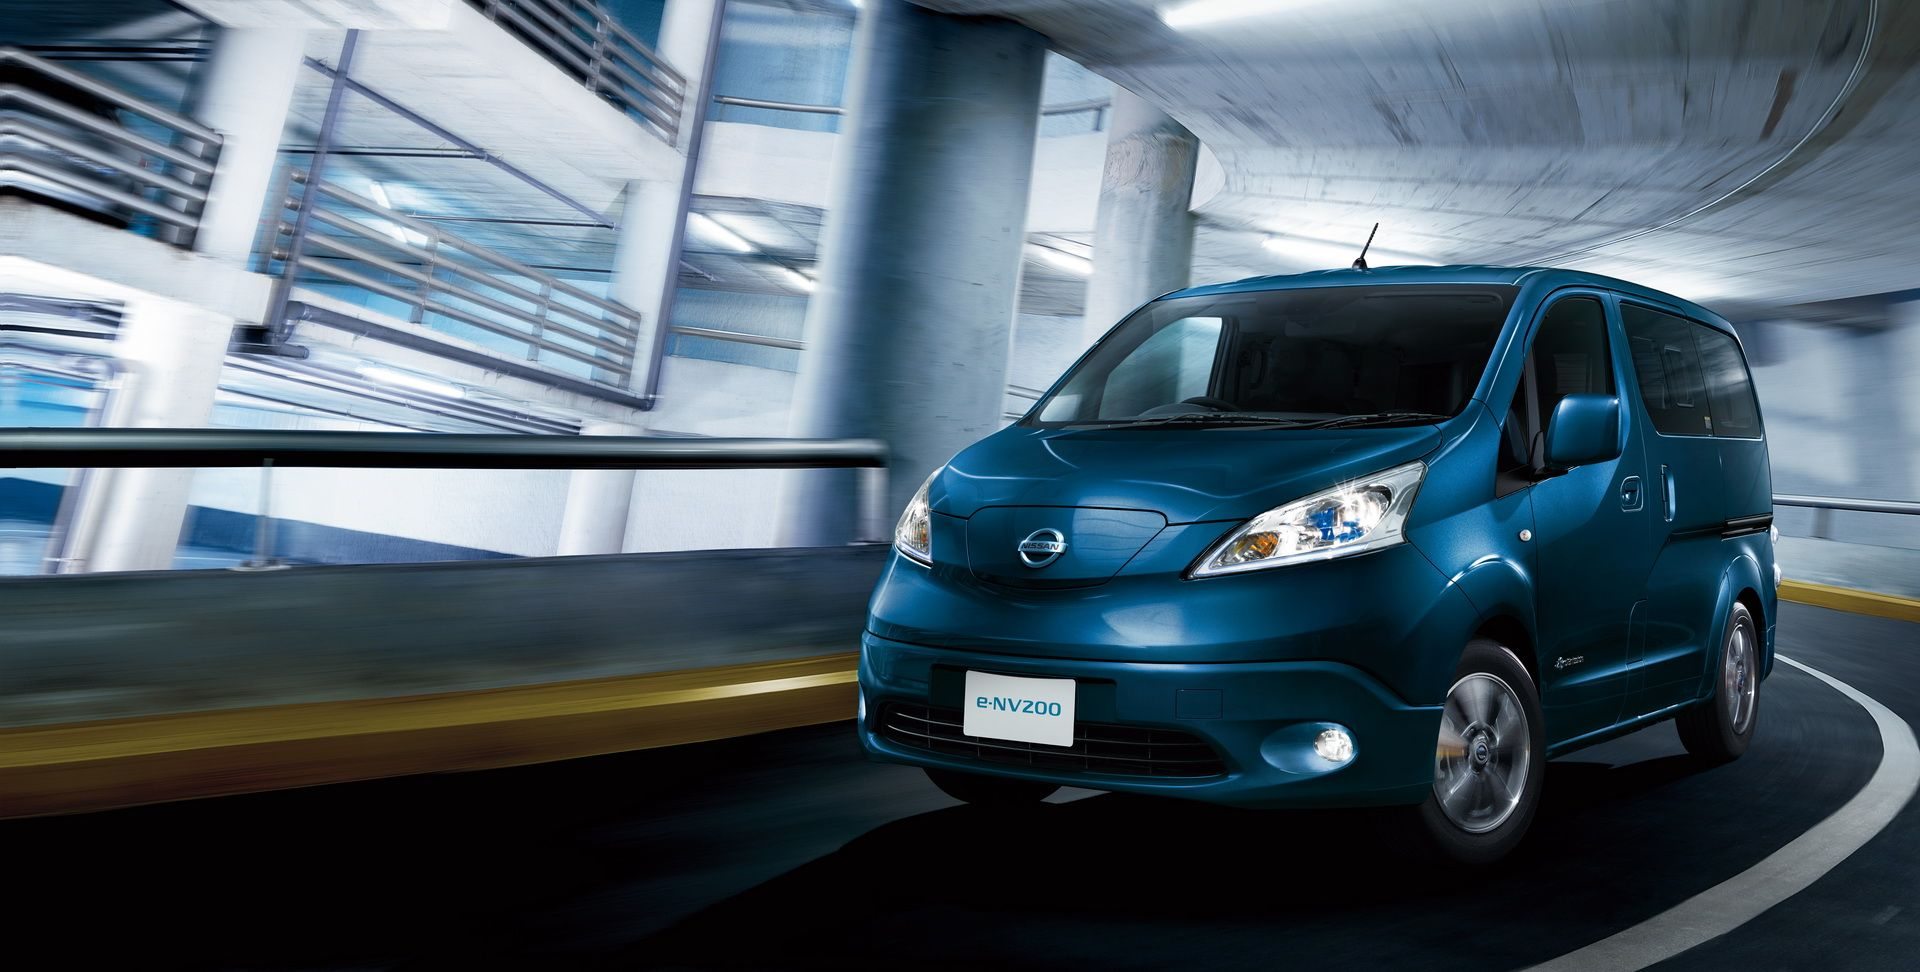 2019_Nissan_e-NV200_0003